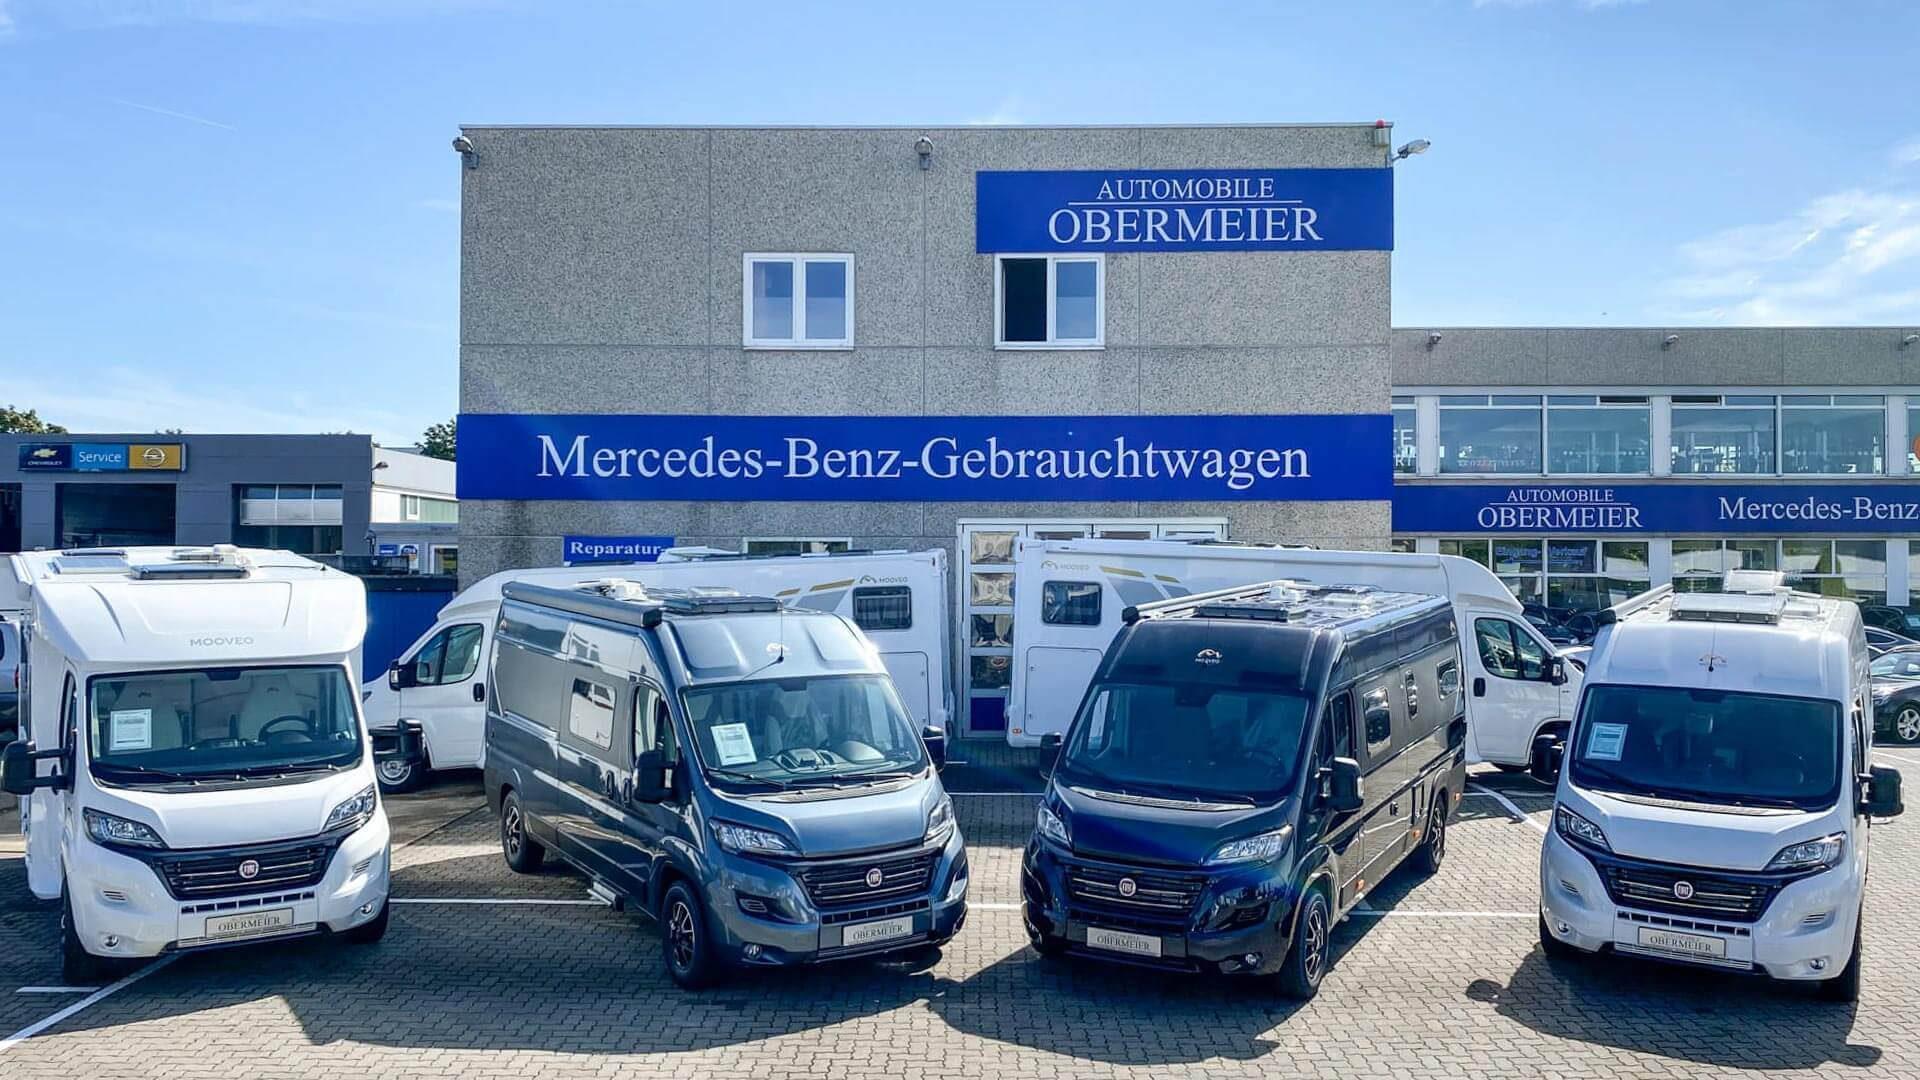 Mooveo-Wohnmobil im Außenbereich bei Automobile Obermeier in Meckenheim